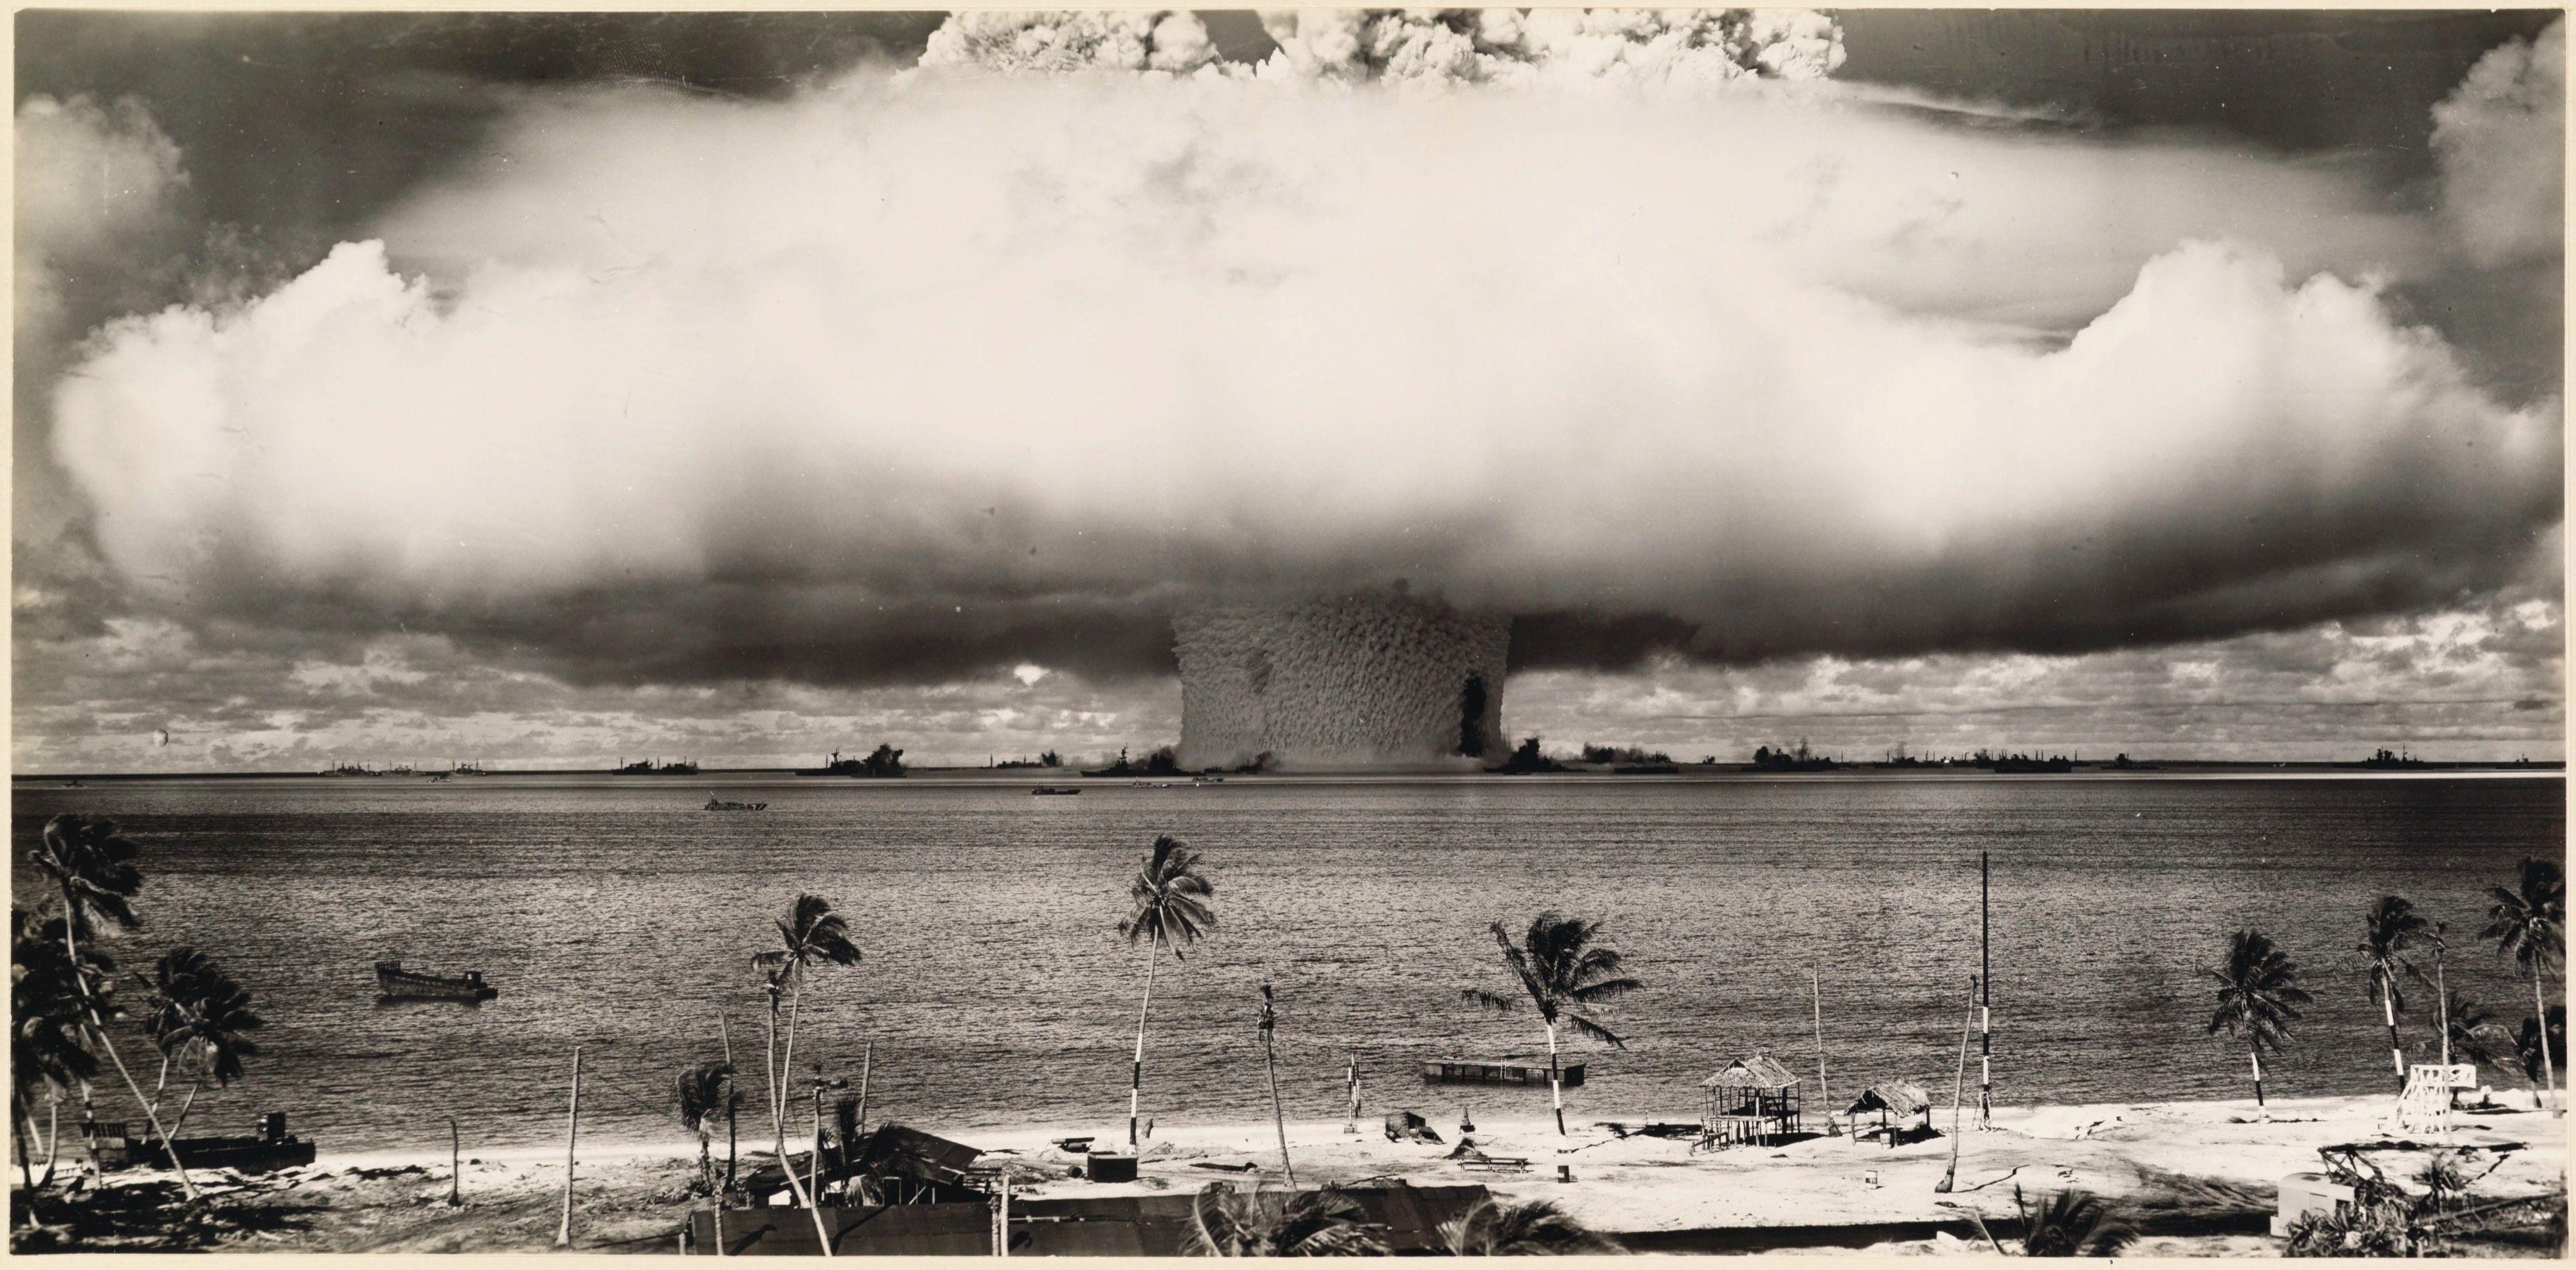 Teste de bomba atômica subaquática realizado pelos EUA no atol Bikini em 1946, nas Ilhas Marshall, Micronésia